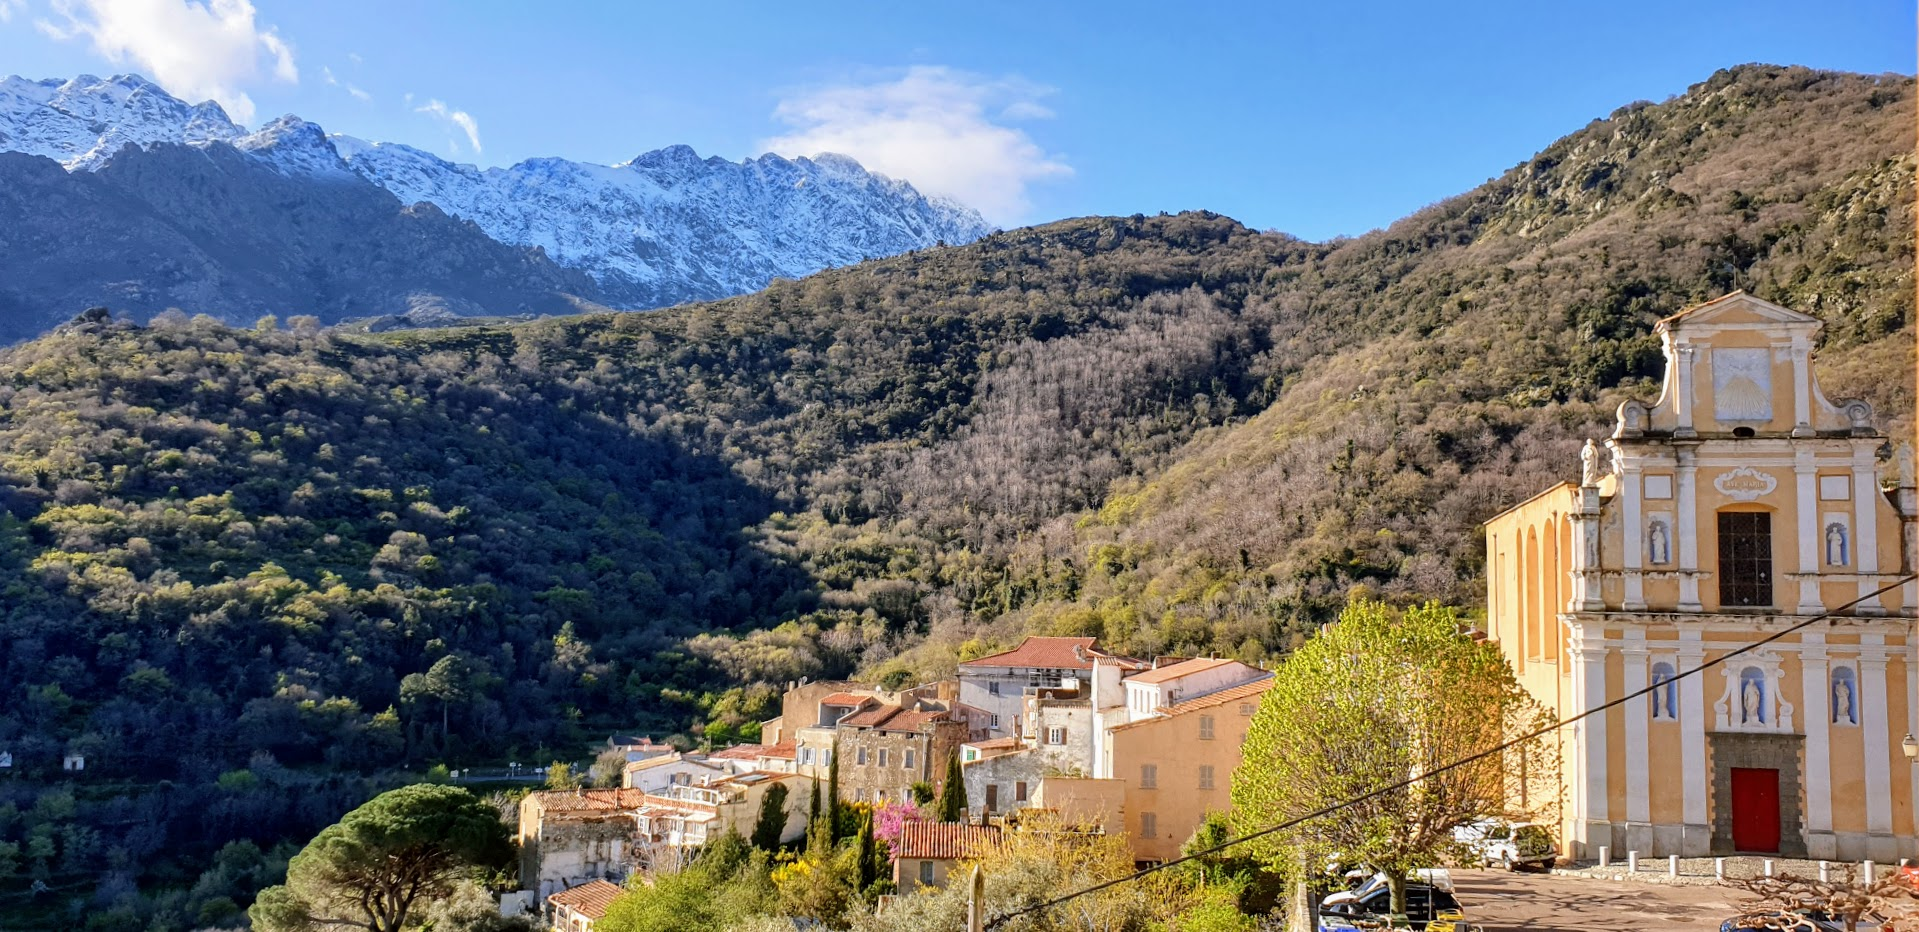 Vive les vacances scolaires «2» : Escape Corse avec Michel PERRIN